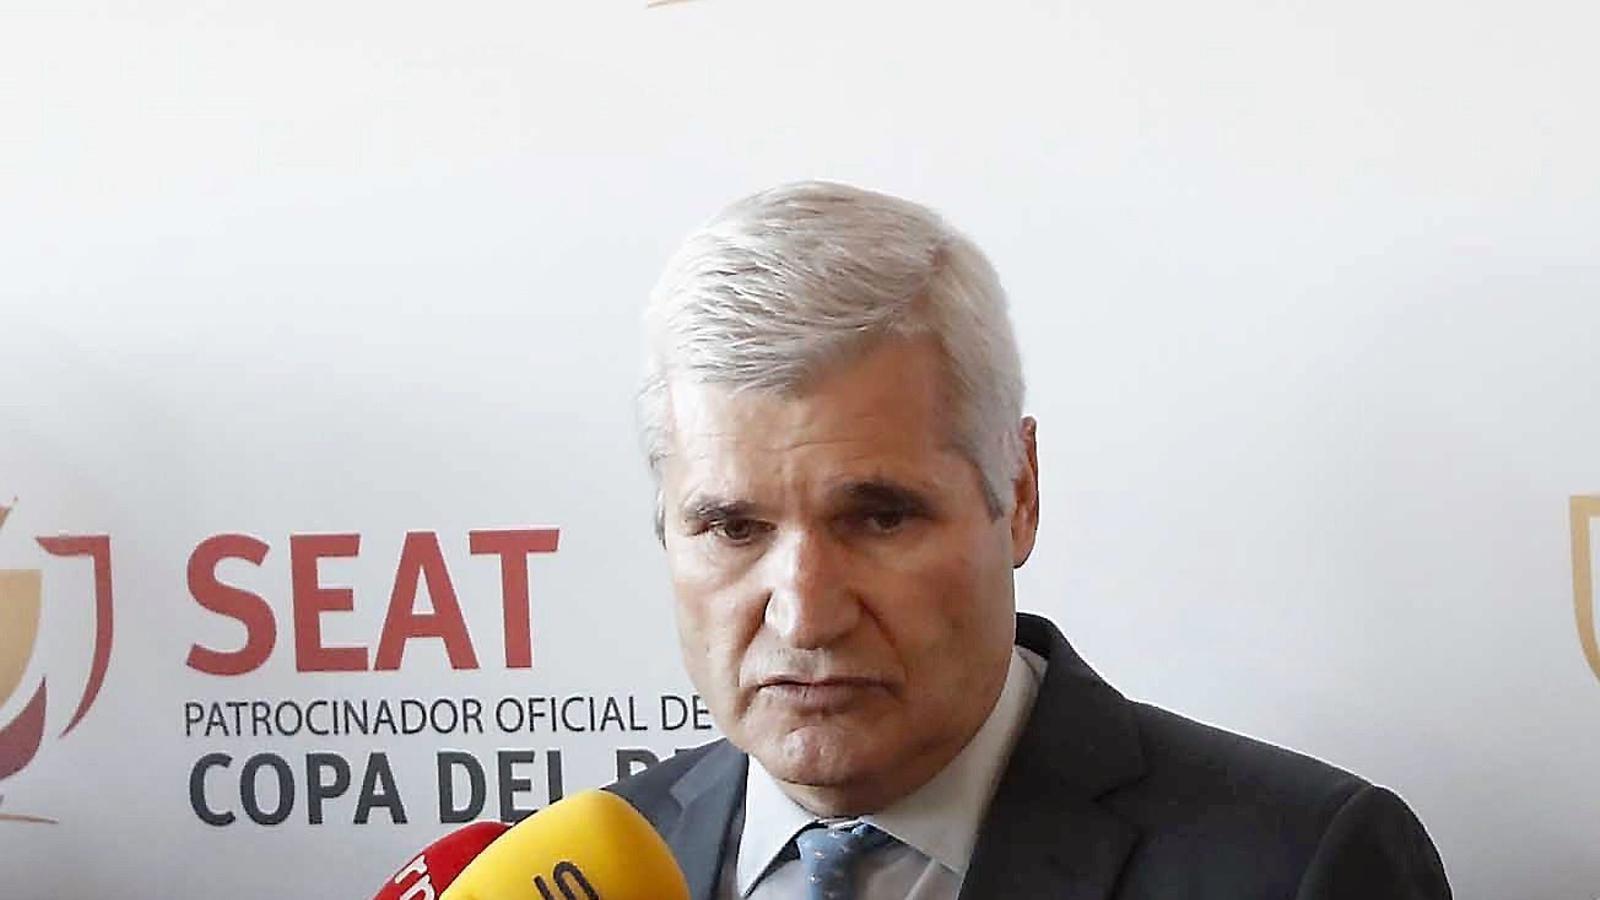 Pere Gratacós en el moment de fer les declaracions que li han costat deixar de ser el representant del club davant la RFEF.